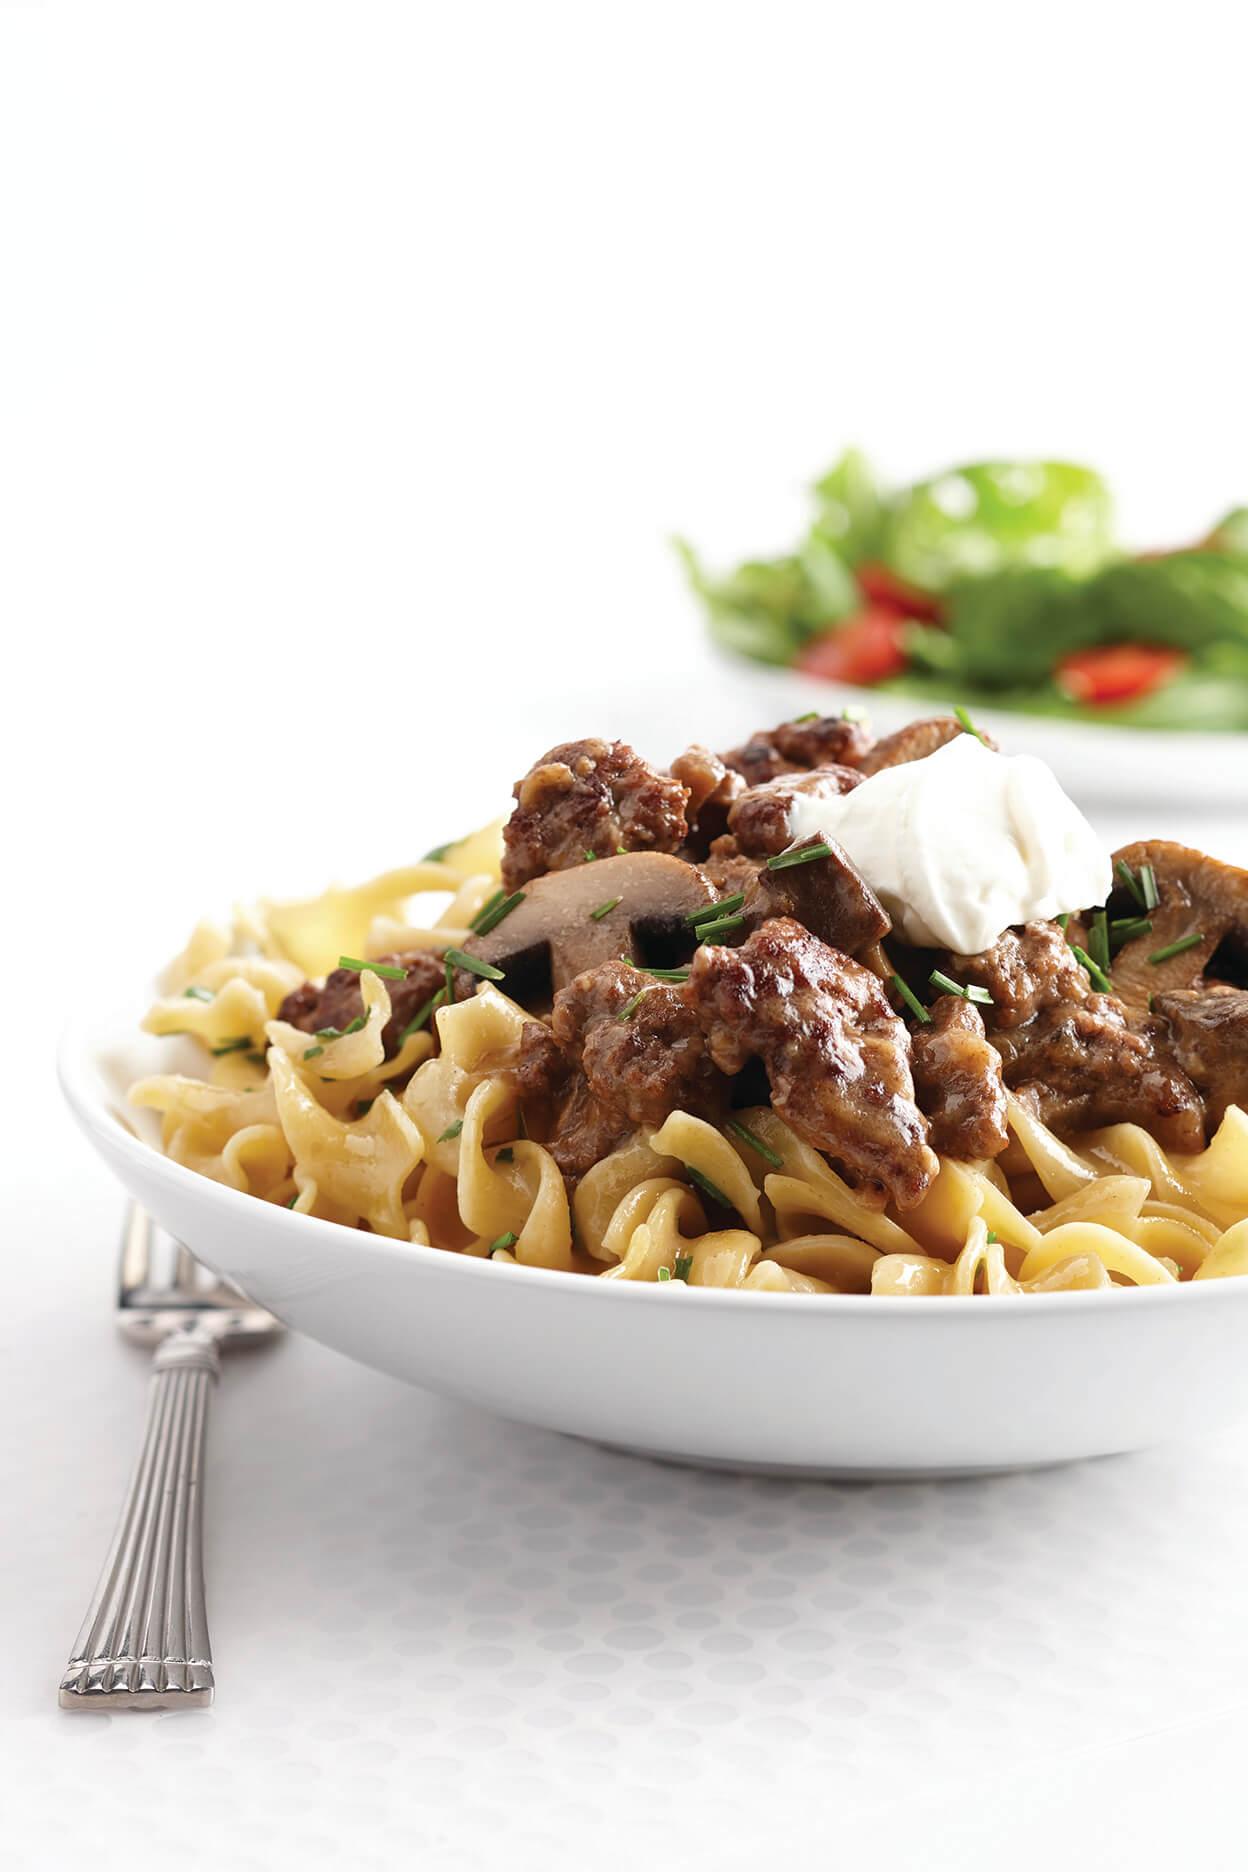 Ground Beef Stroganoff with Garlic-Buttered Noodles